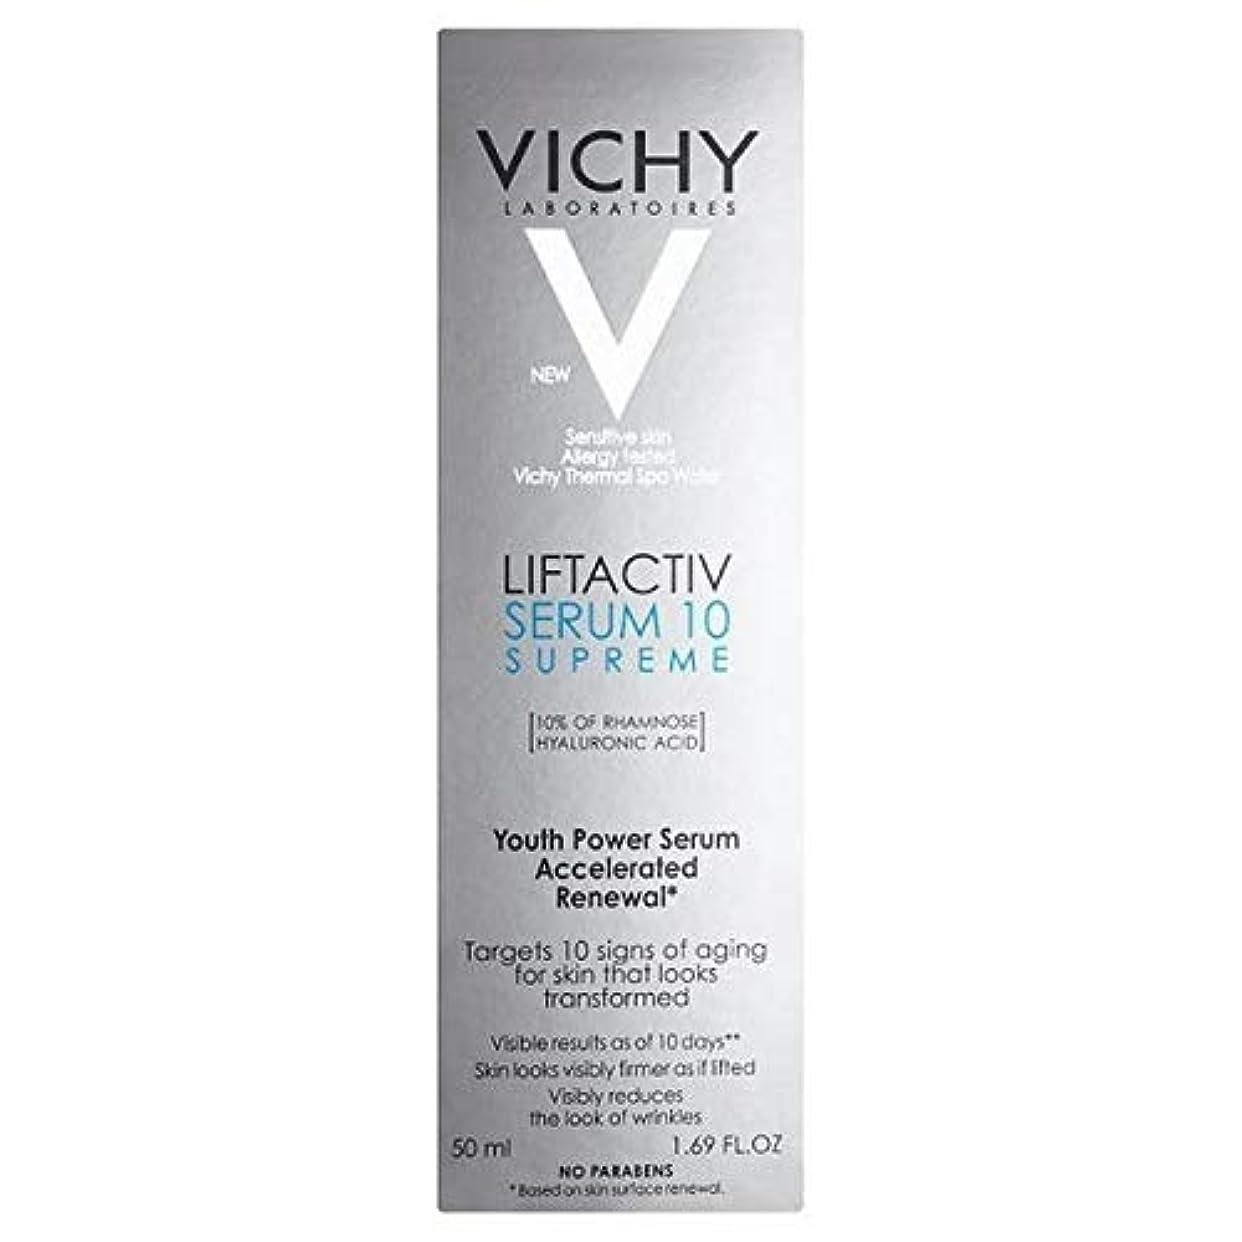 いらいらする競争力のある人種[Vichy] アンチエイジング最高の日に血清10 50ミリリットルLiftactivヴィシー - Vichy LiftActiv Anti-Ageing Supreme Day Serum 10 50ml [並行輸入品]